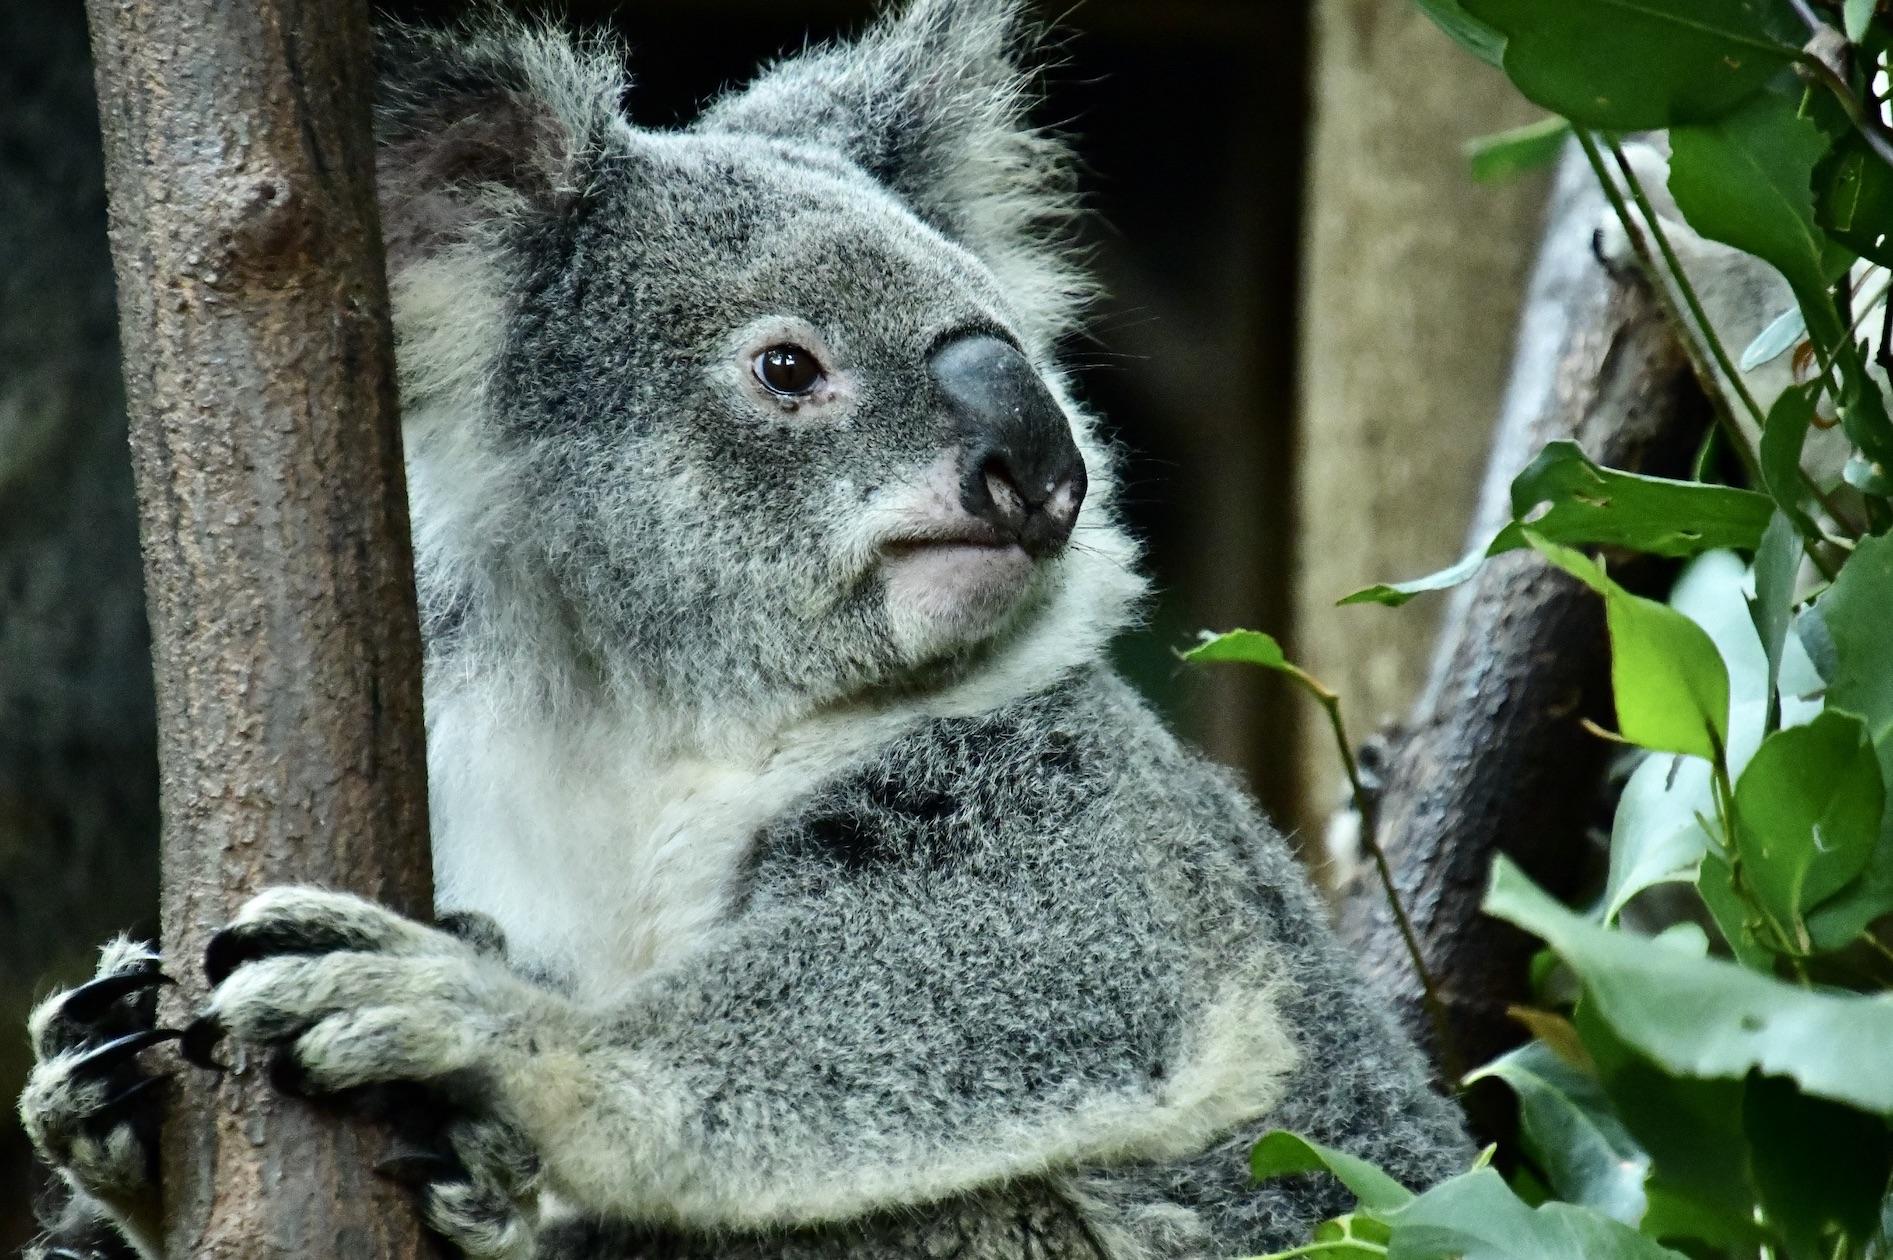 koala_chilling2.jpeg